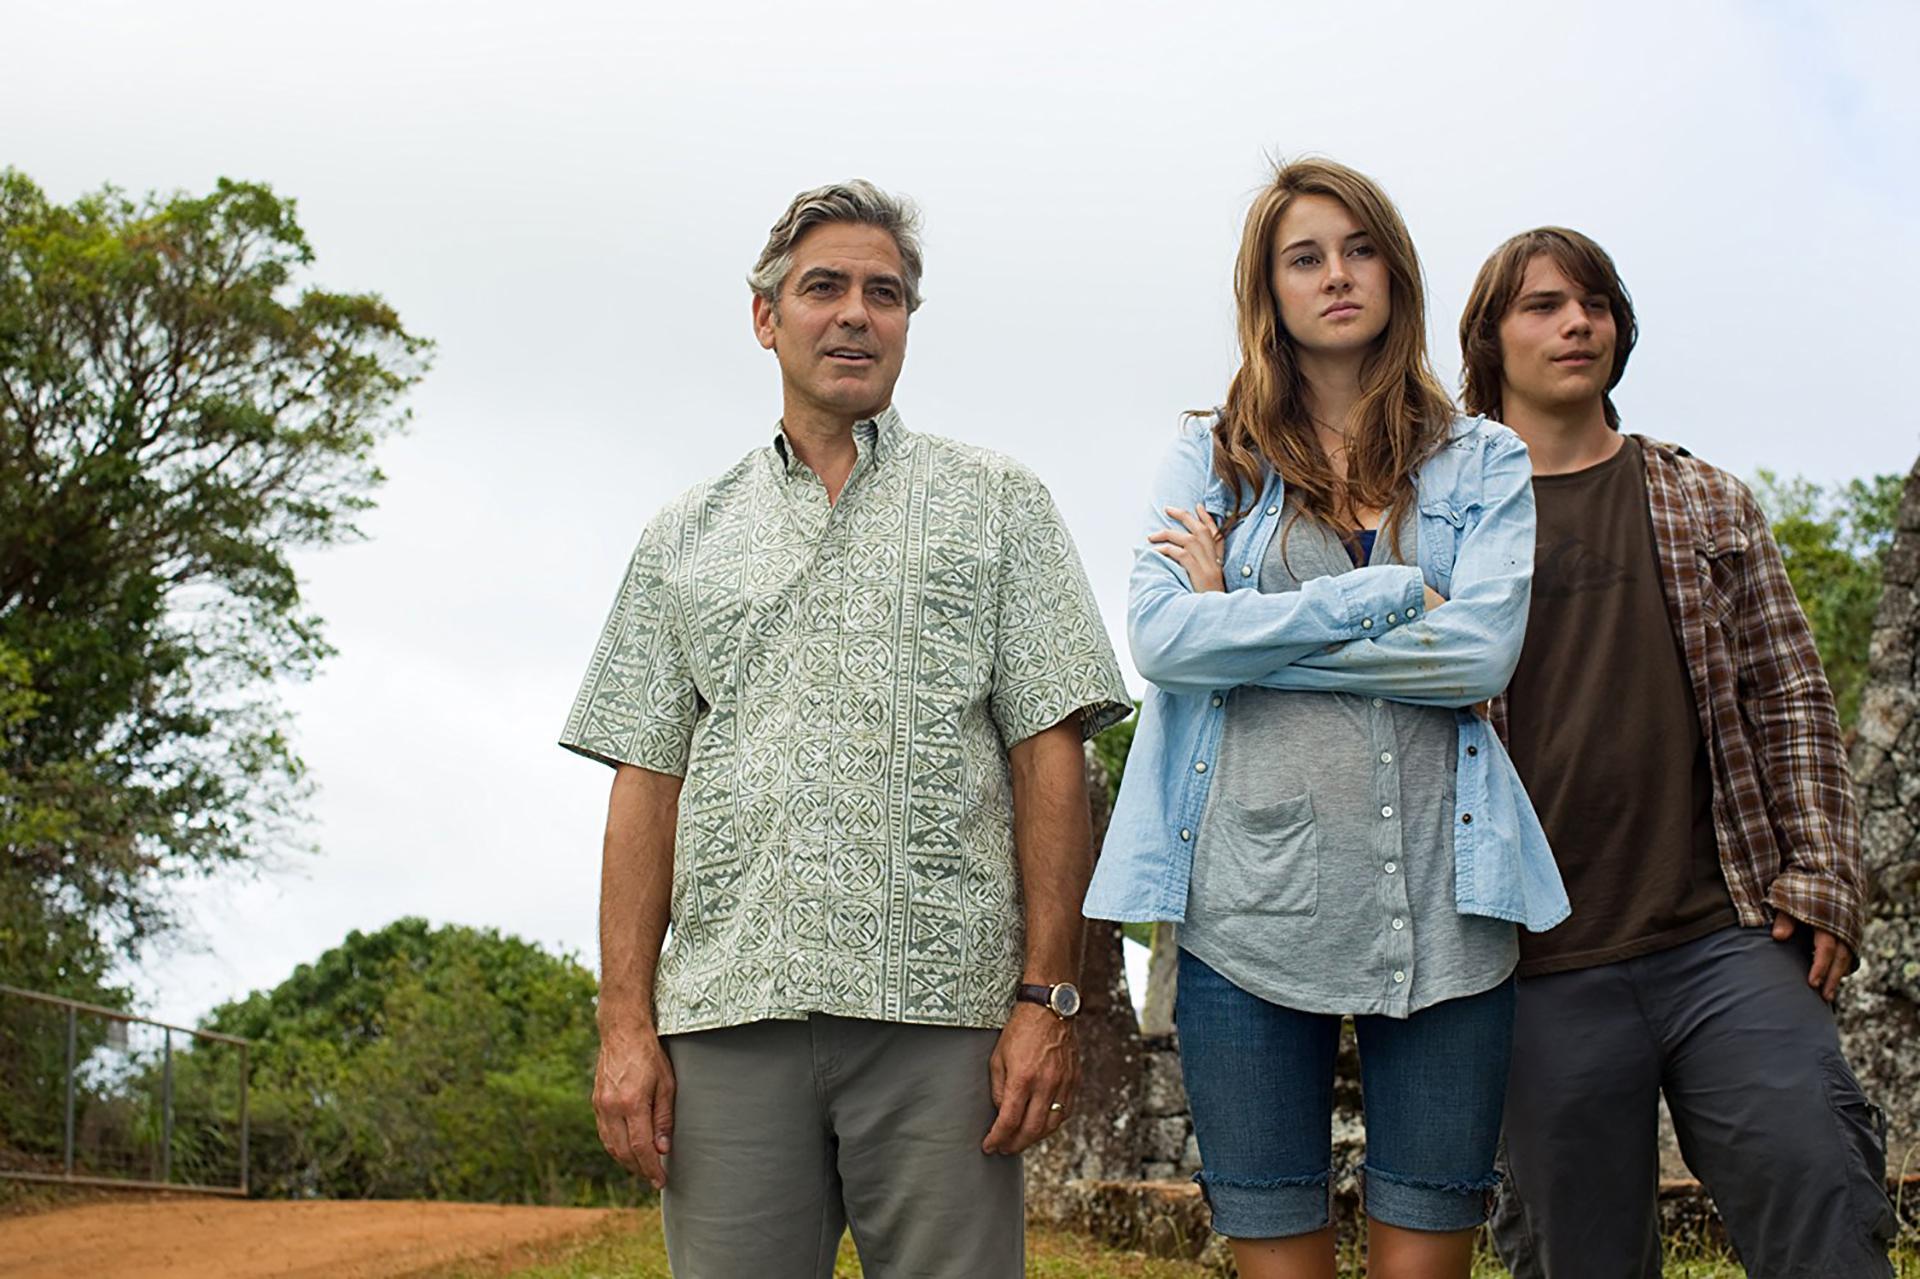 Los descendientes (2012) – 69ª edición.Dirigida por Alexander Payne.Ganó 2 Globos de Oro: mejor película dramática y mejor actor